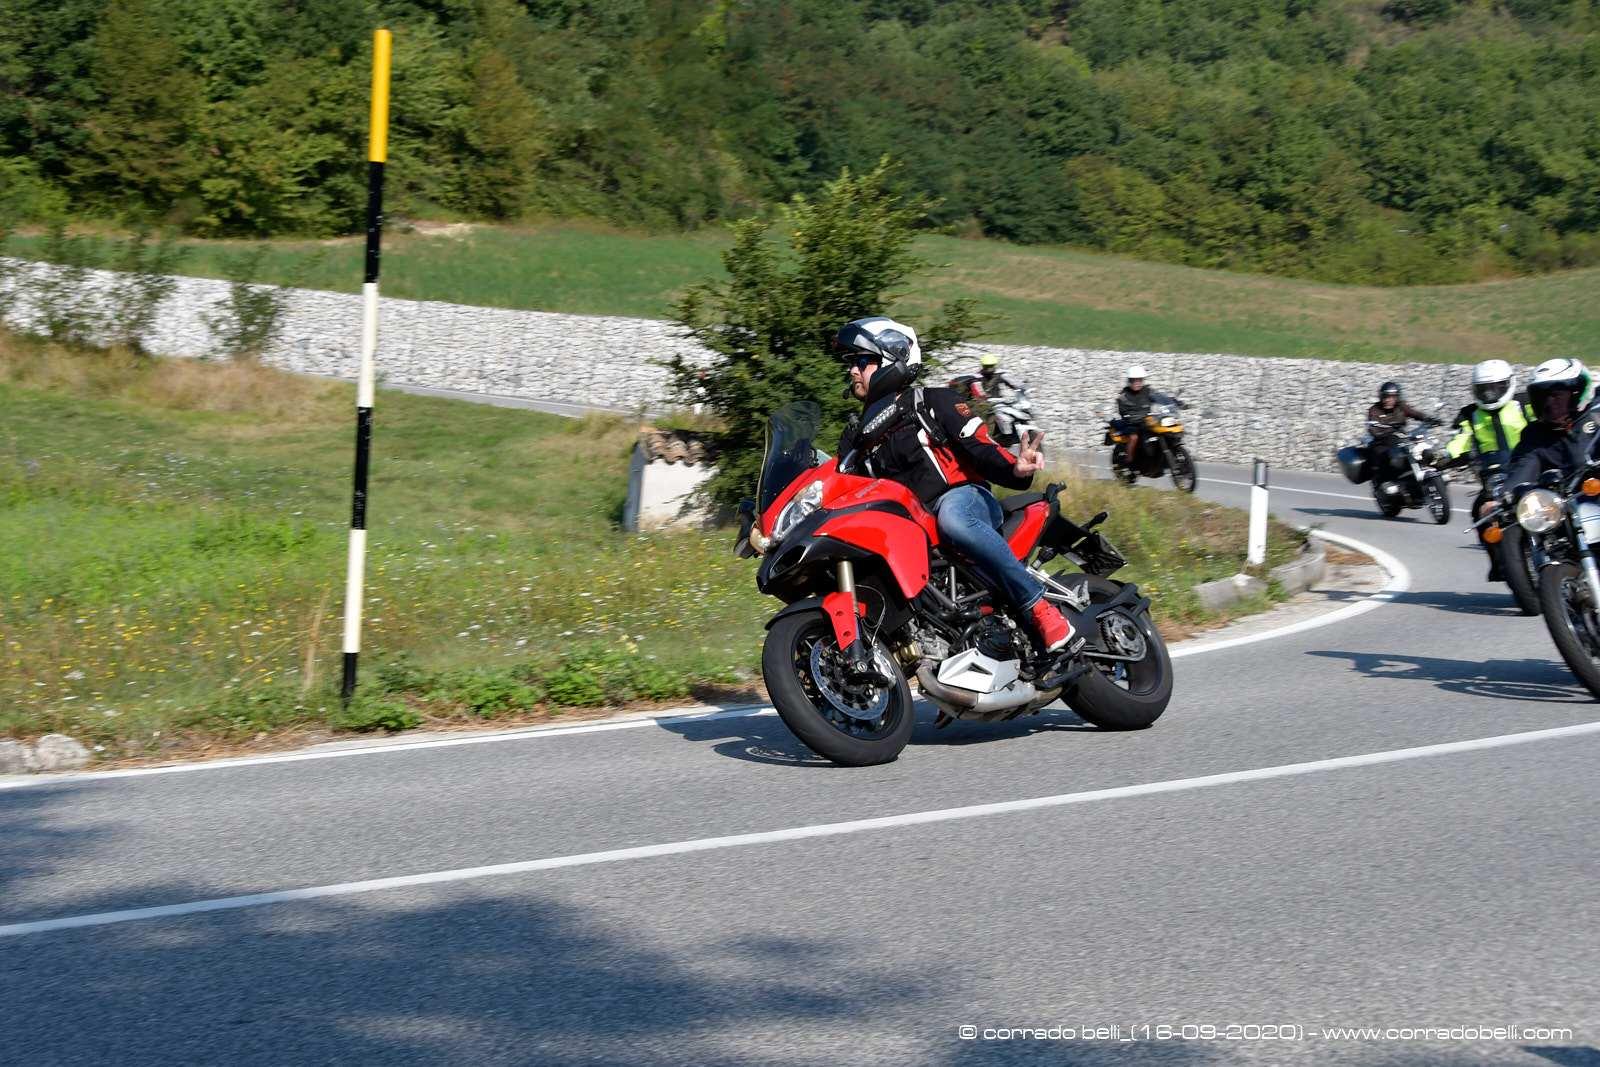 0116-Benelli-Week_16-09-20